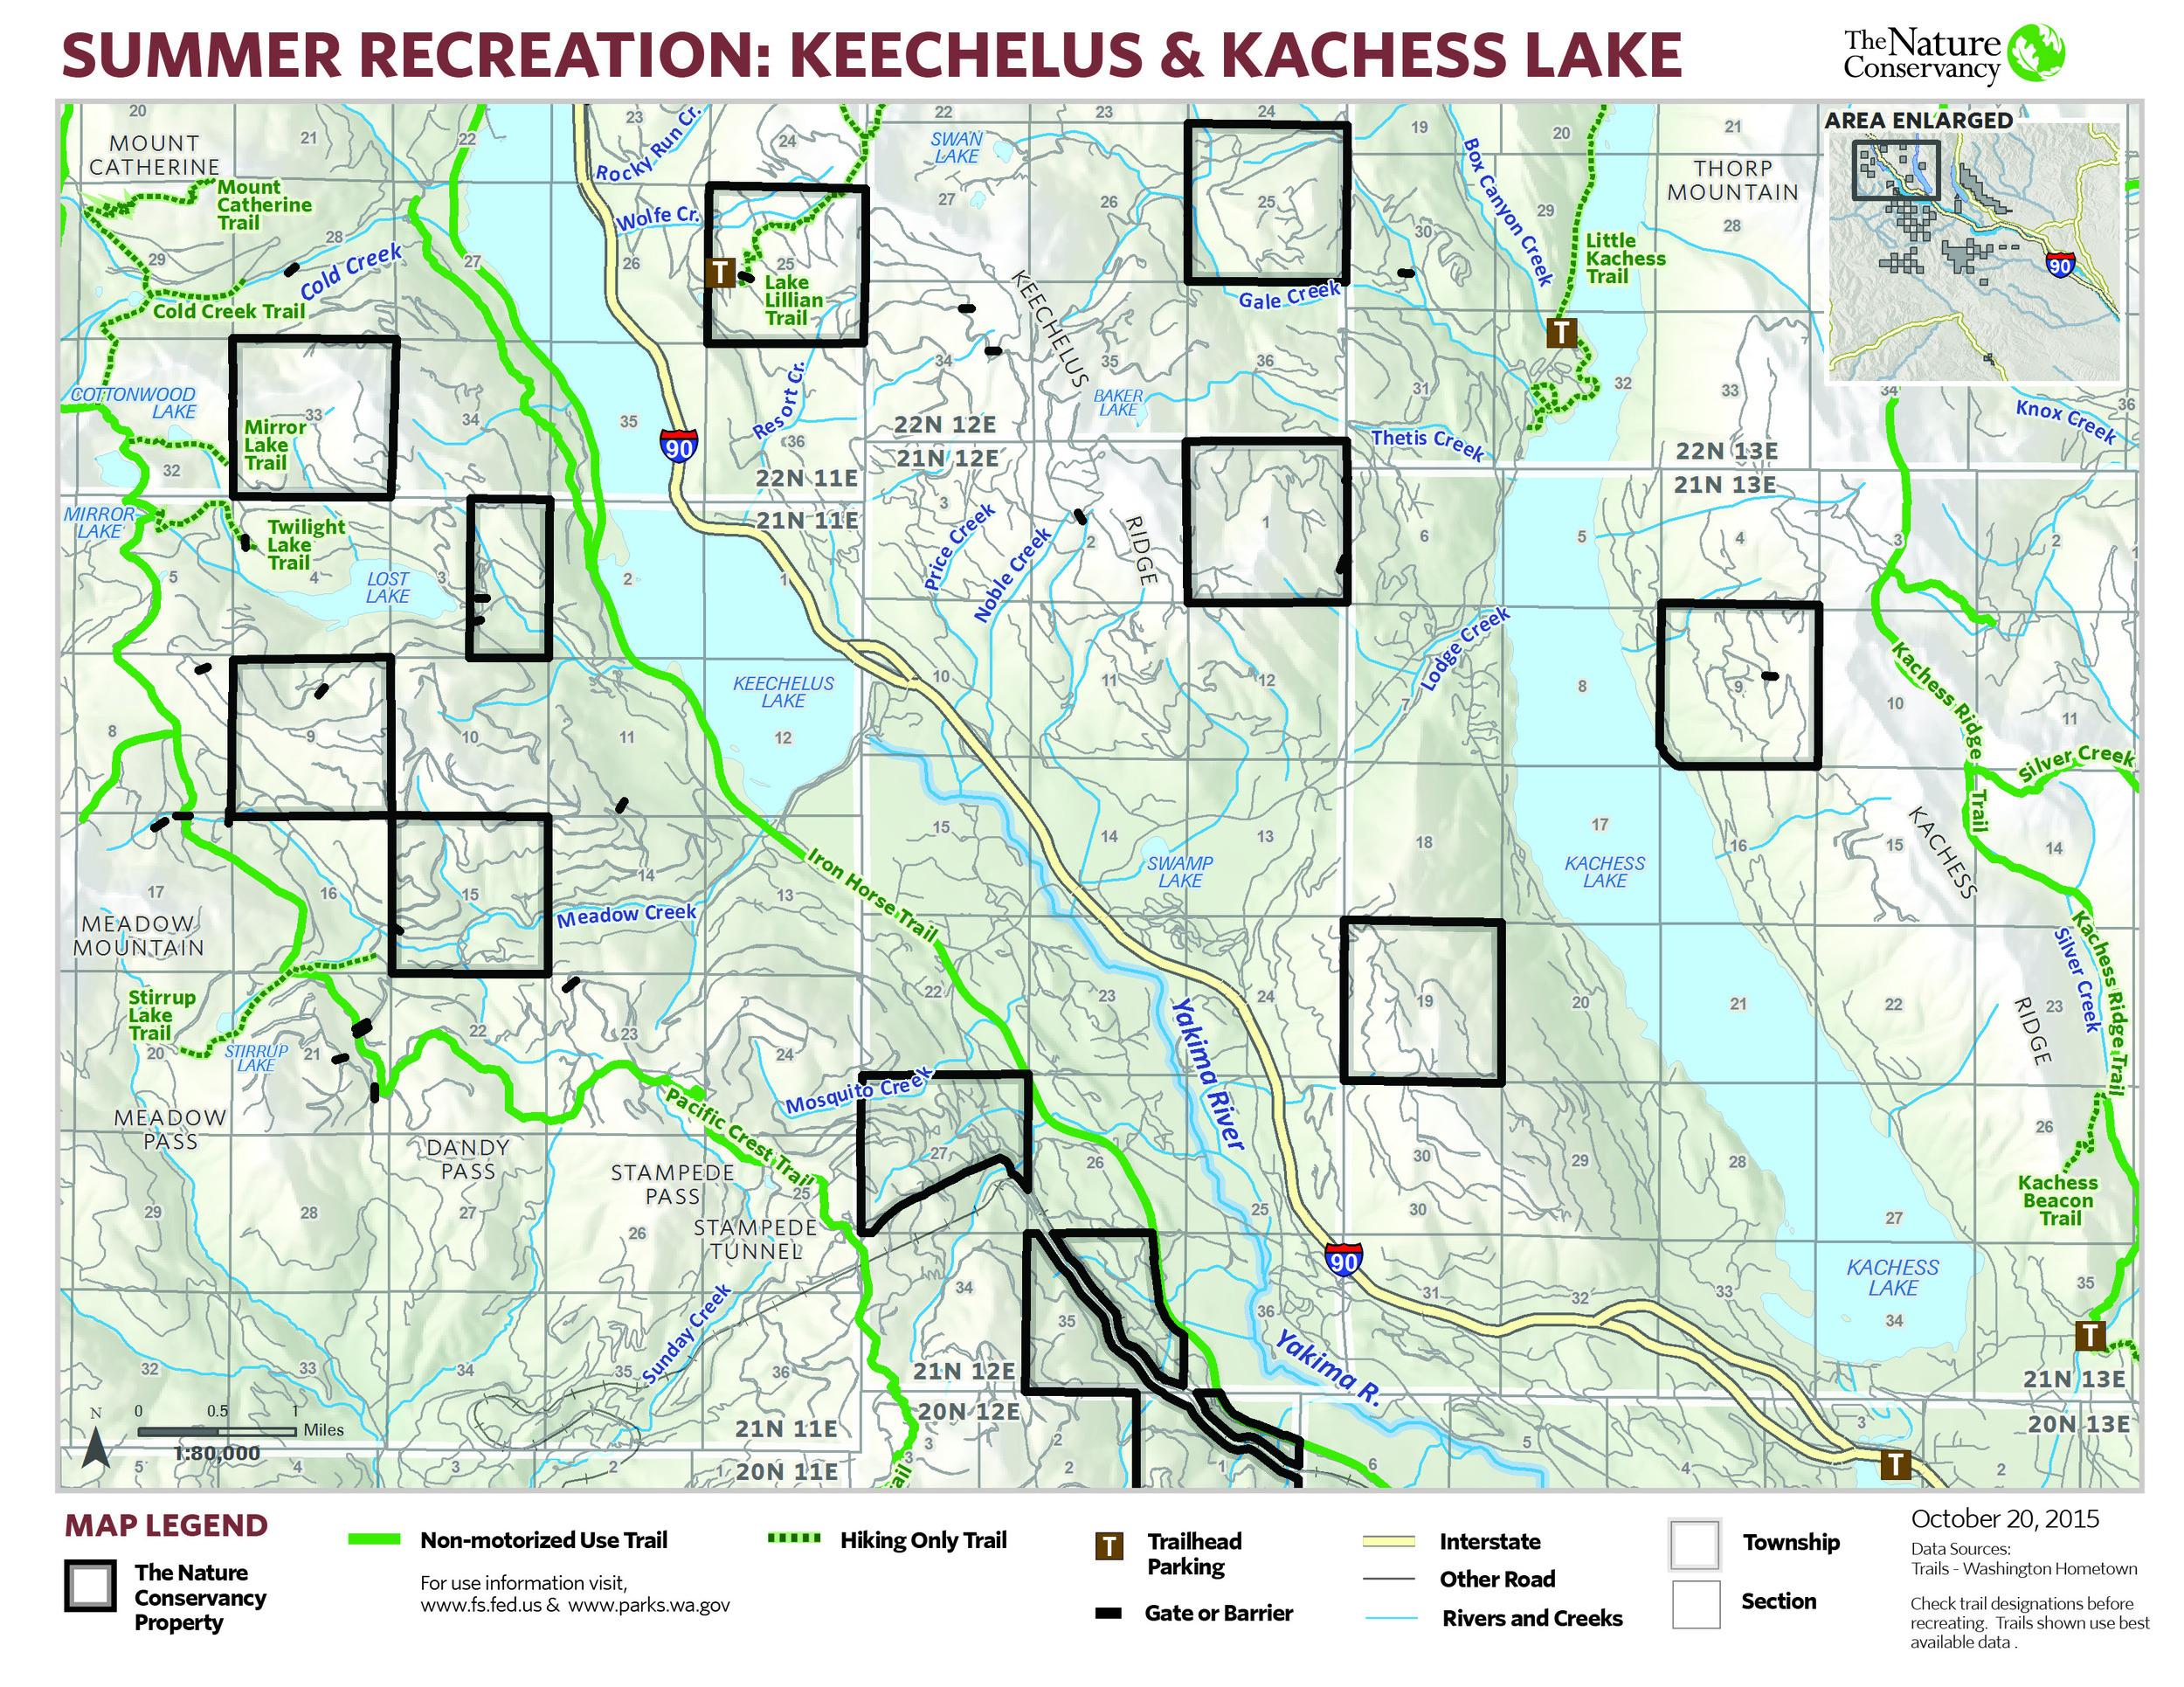 FFOF_CentralCascades_Recreation_Summer_KachKeech_20151020.jpg